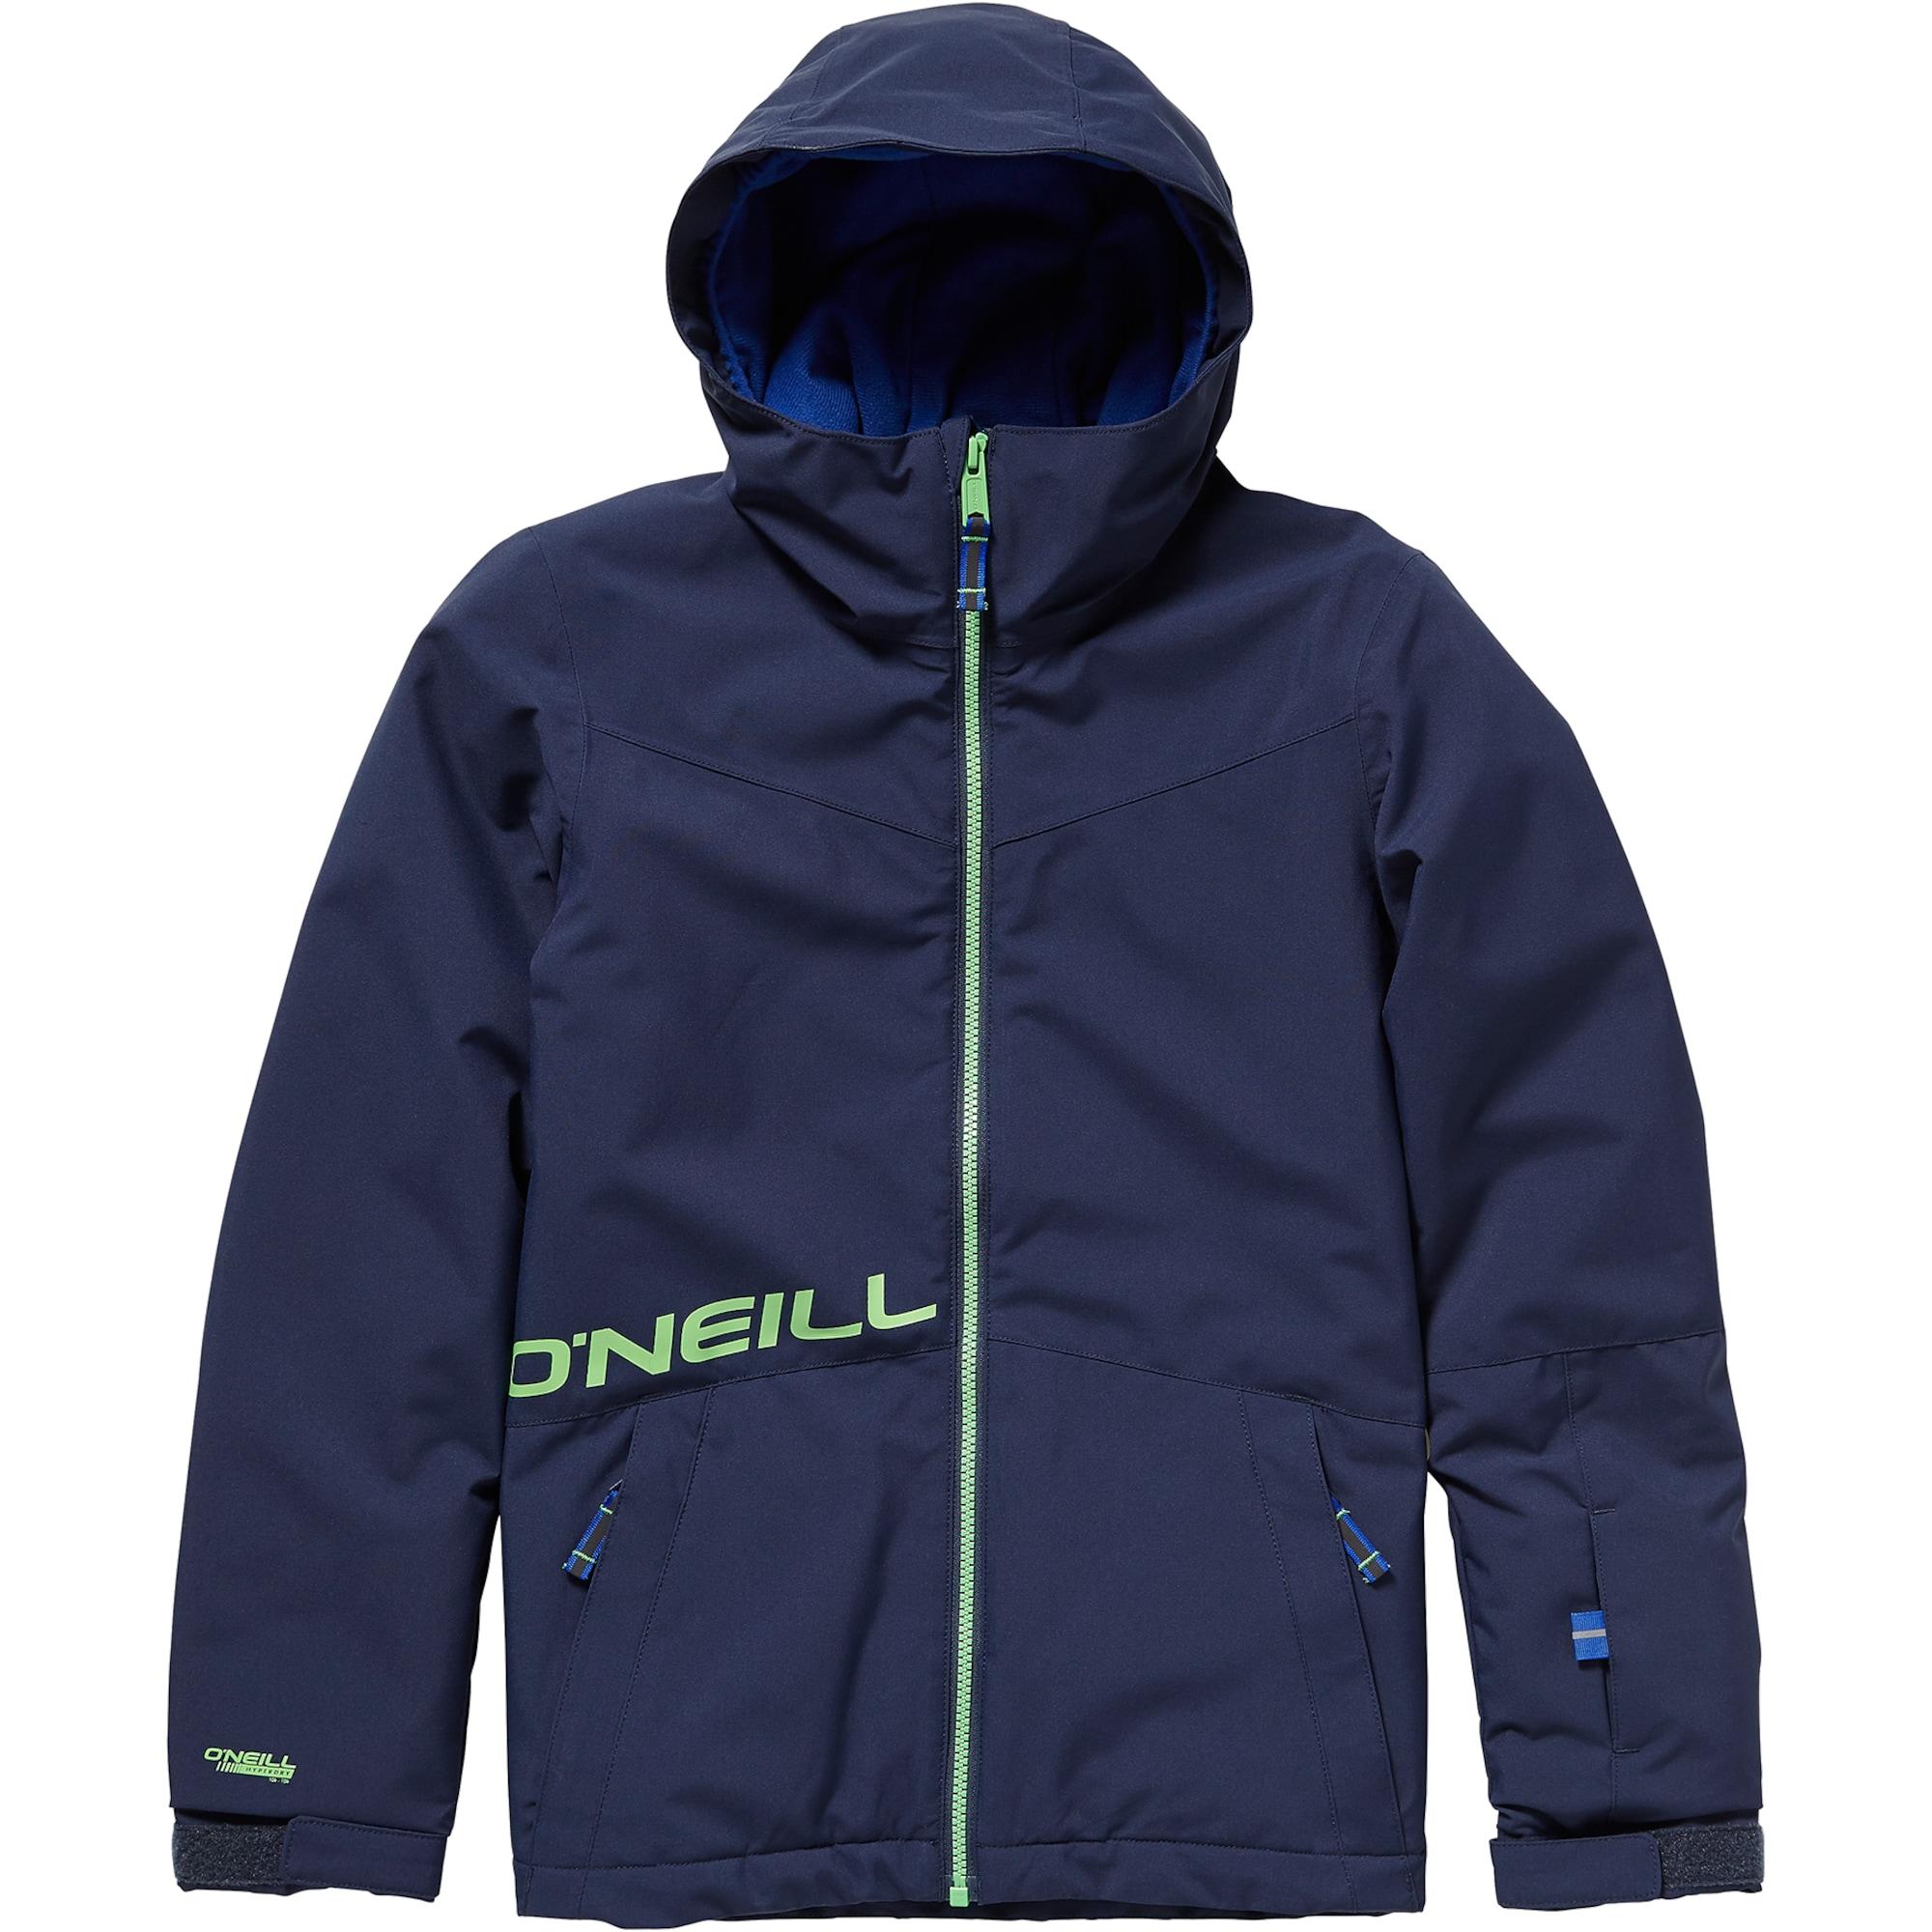 ONEILL Sportovní bunda PB STATEMENT JACKET tmavě modrá O'NEILL